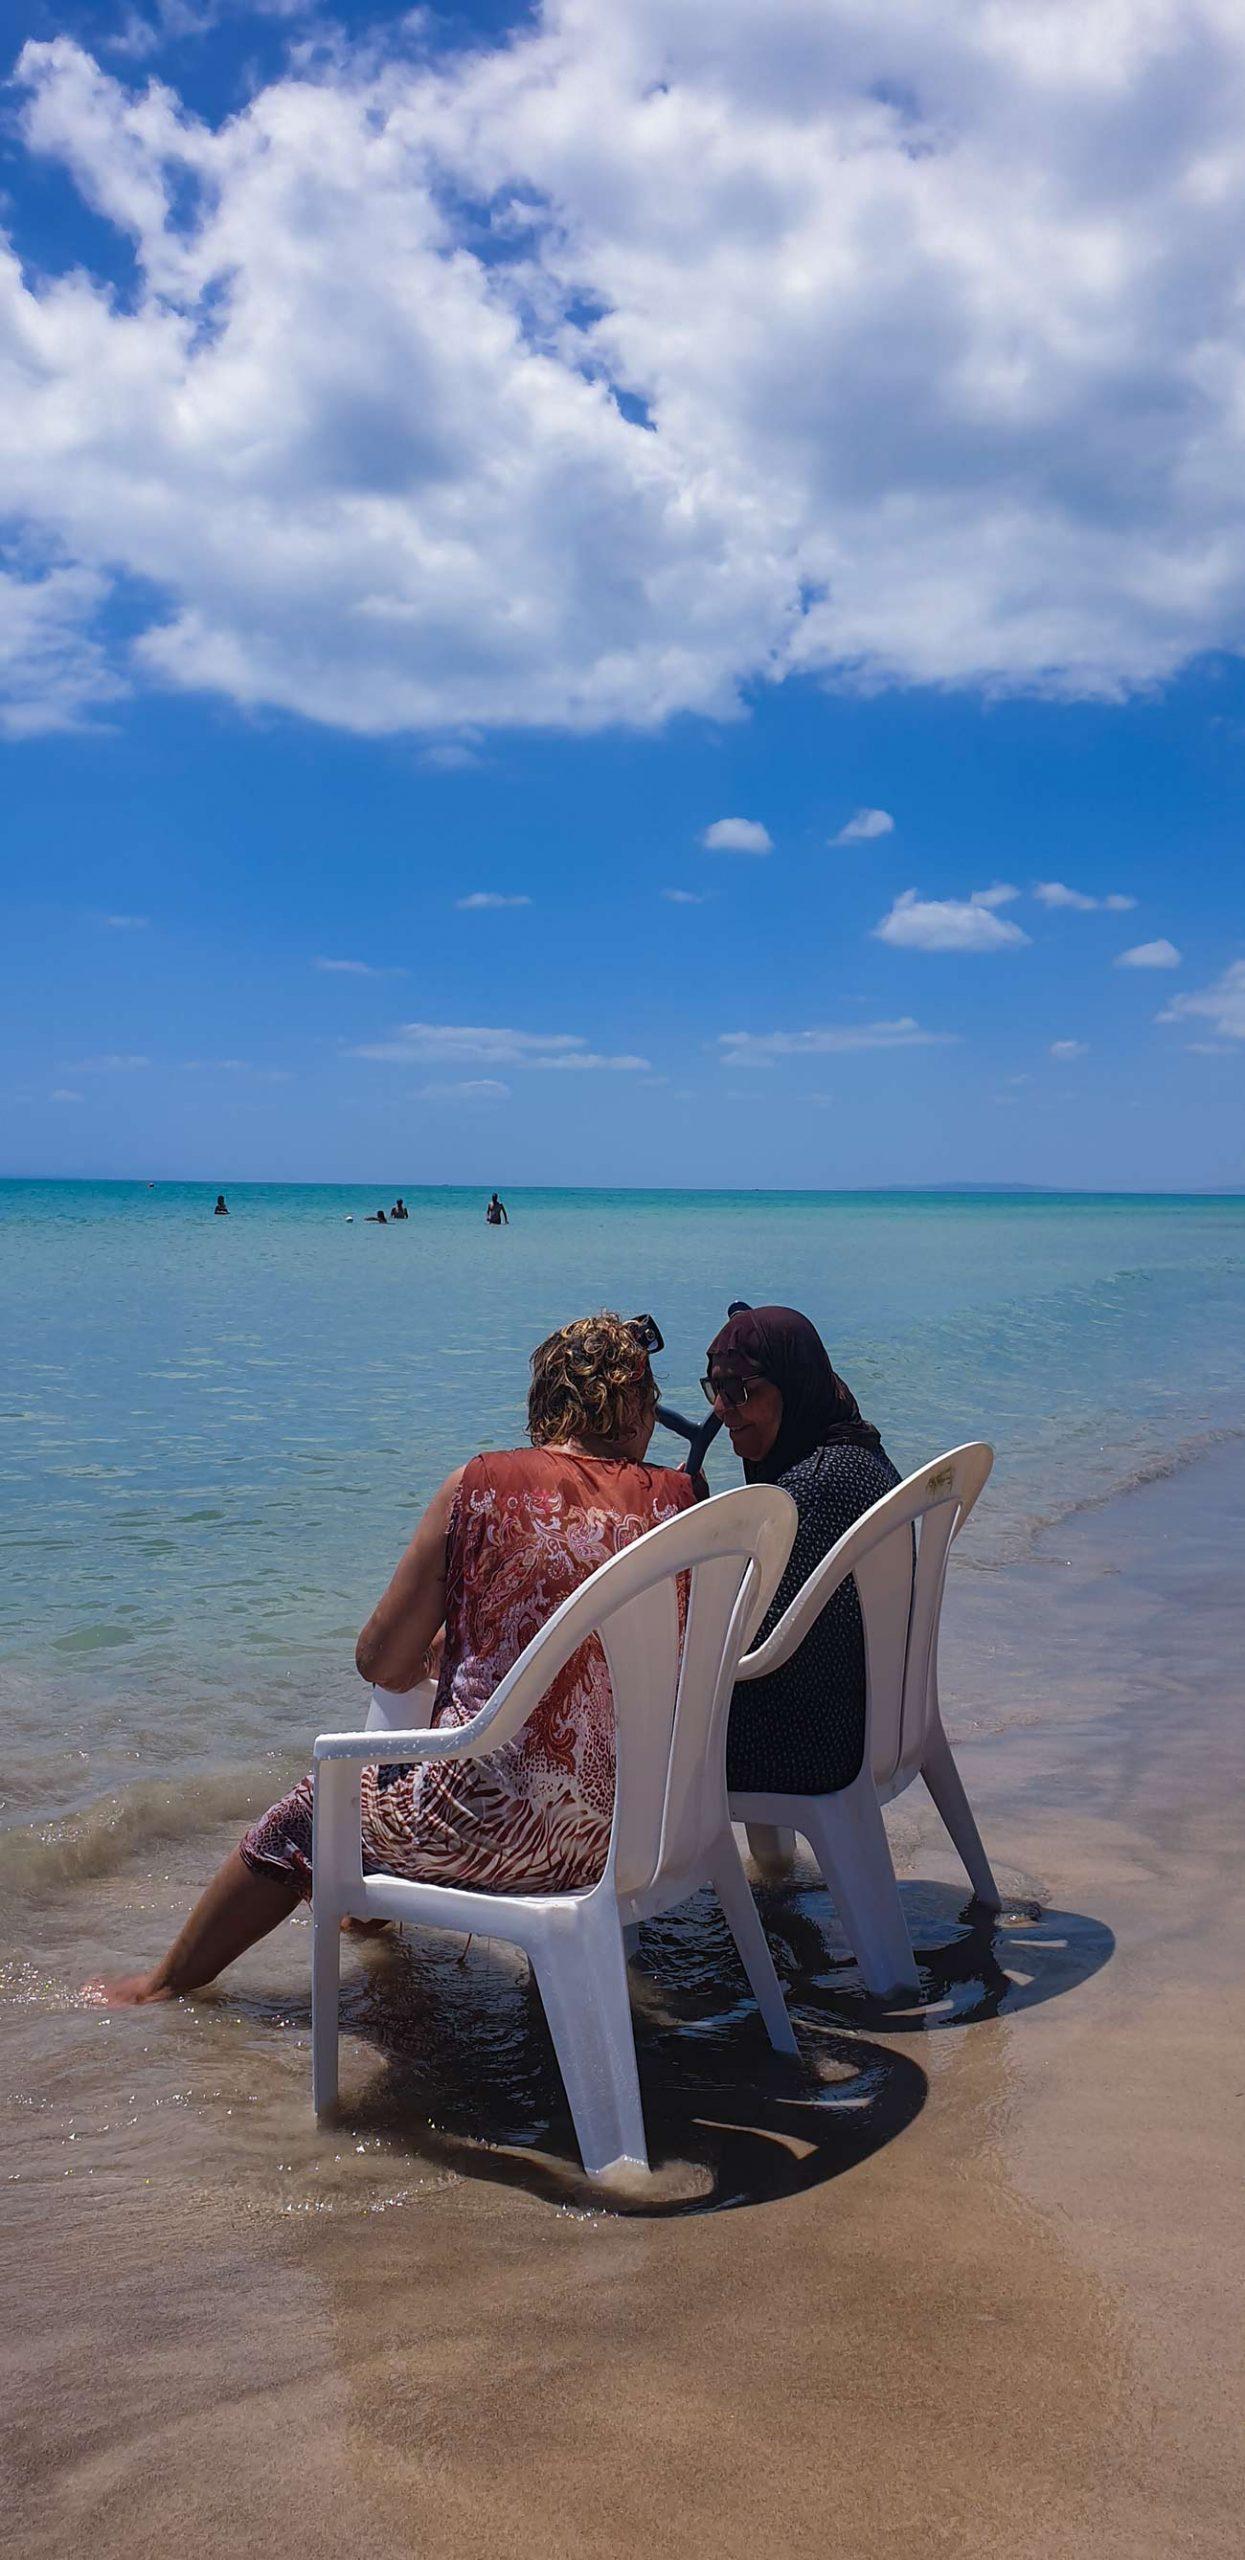 Signore tunisine mare